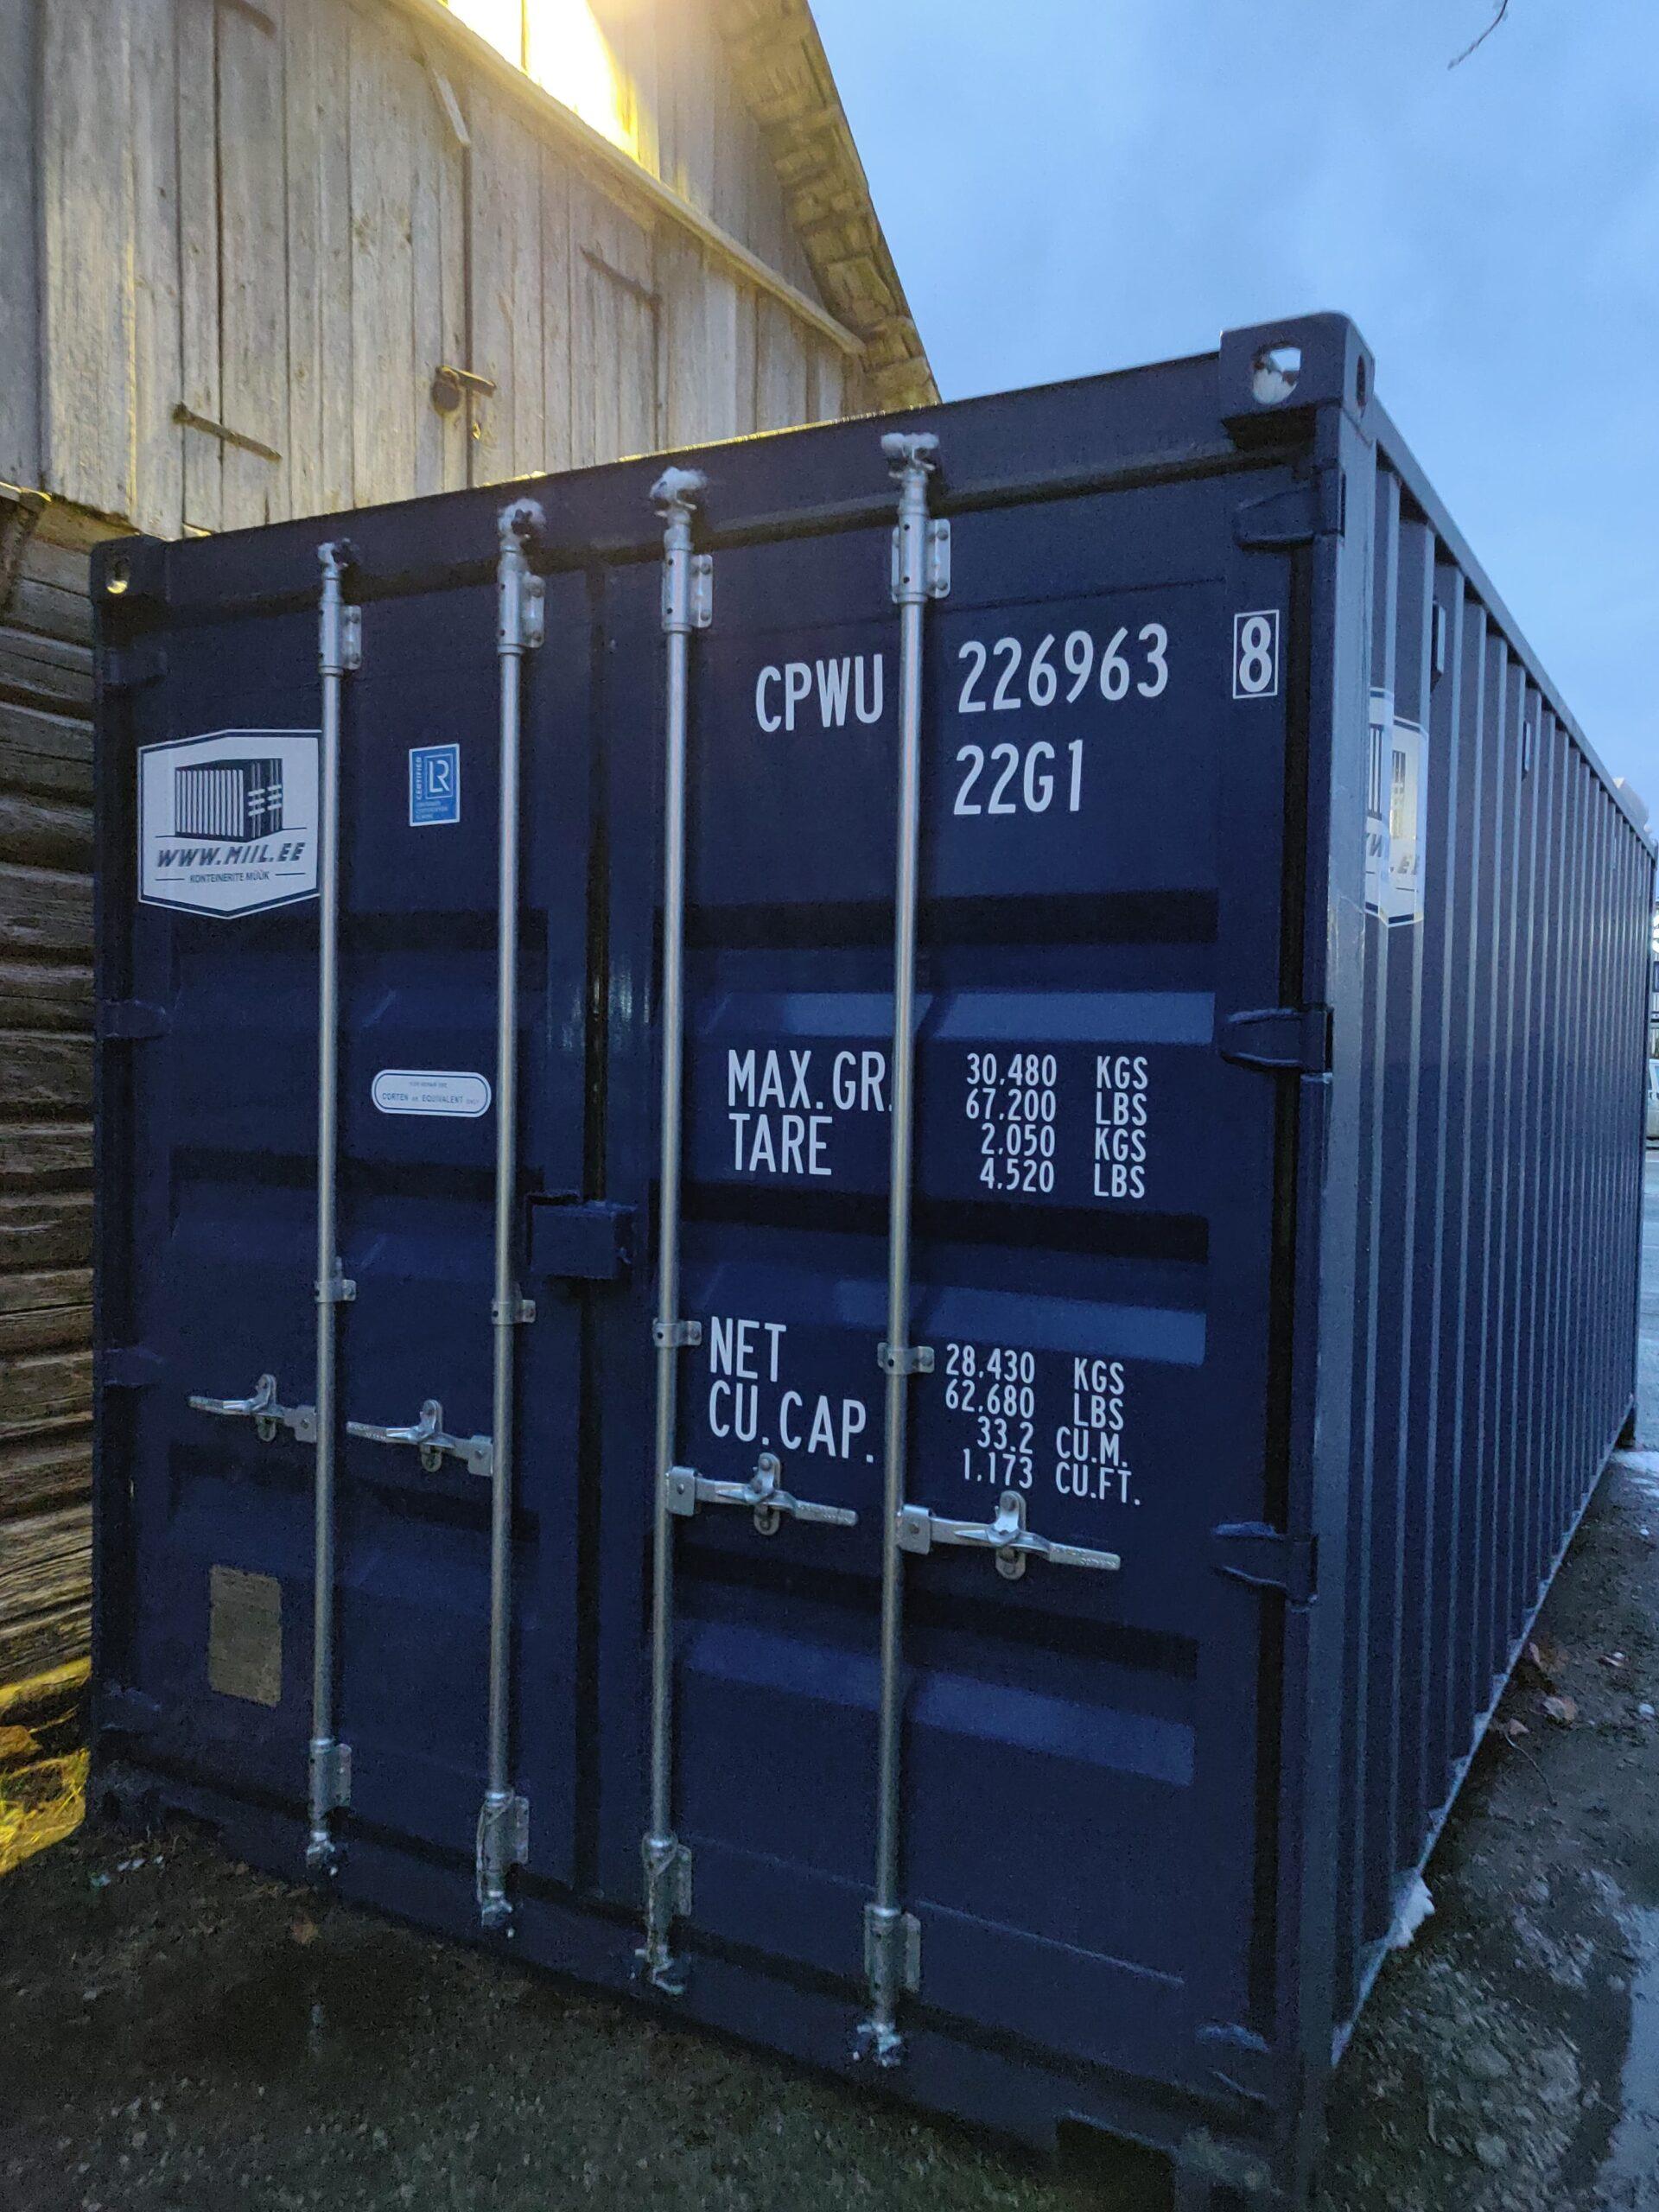 Uus konteinerladu NR 19 — CPWU2269638